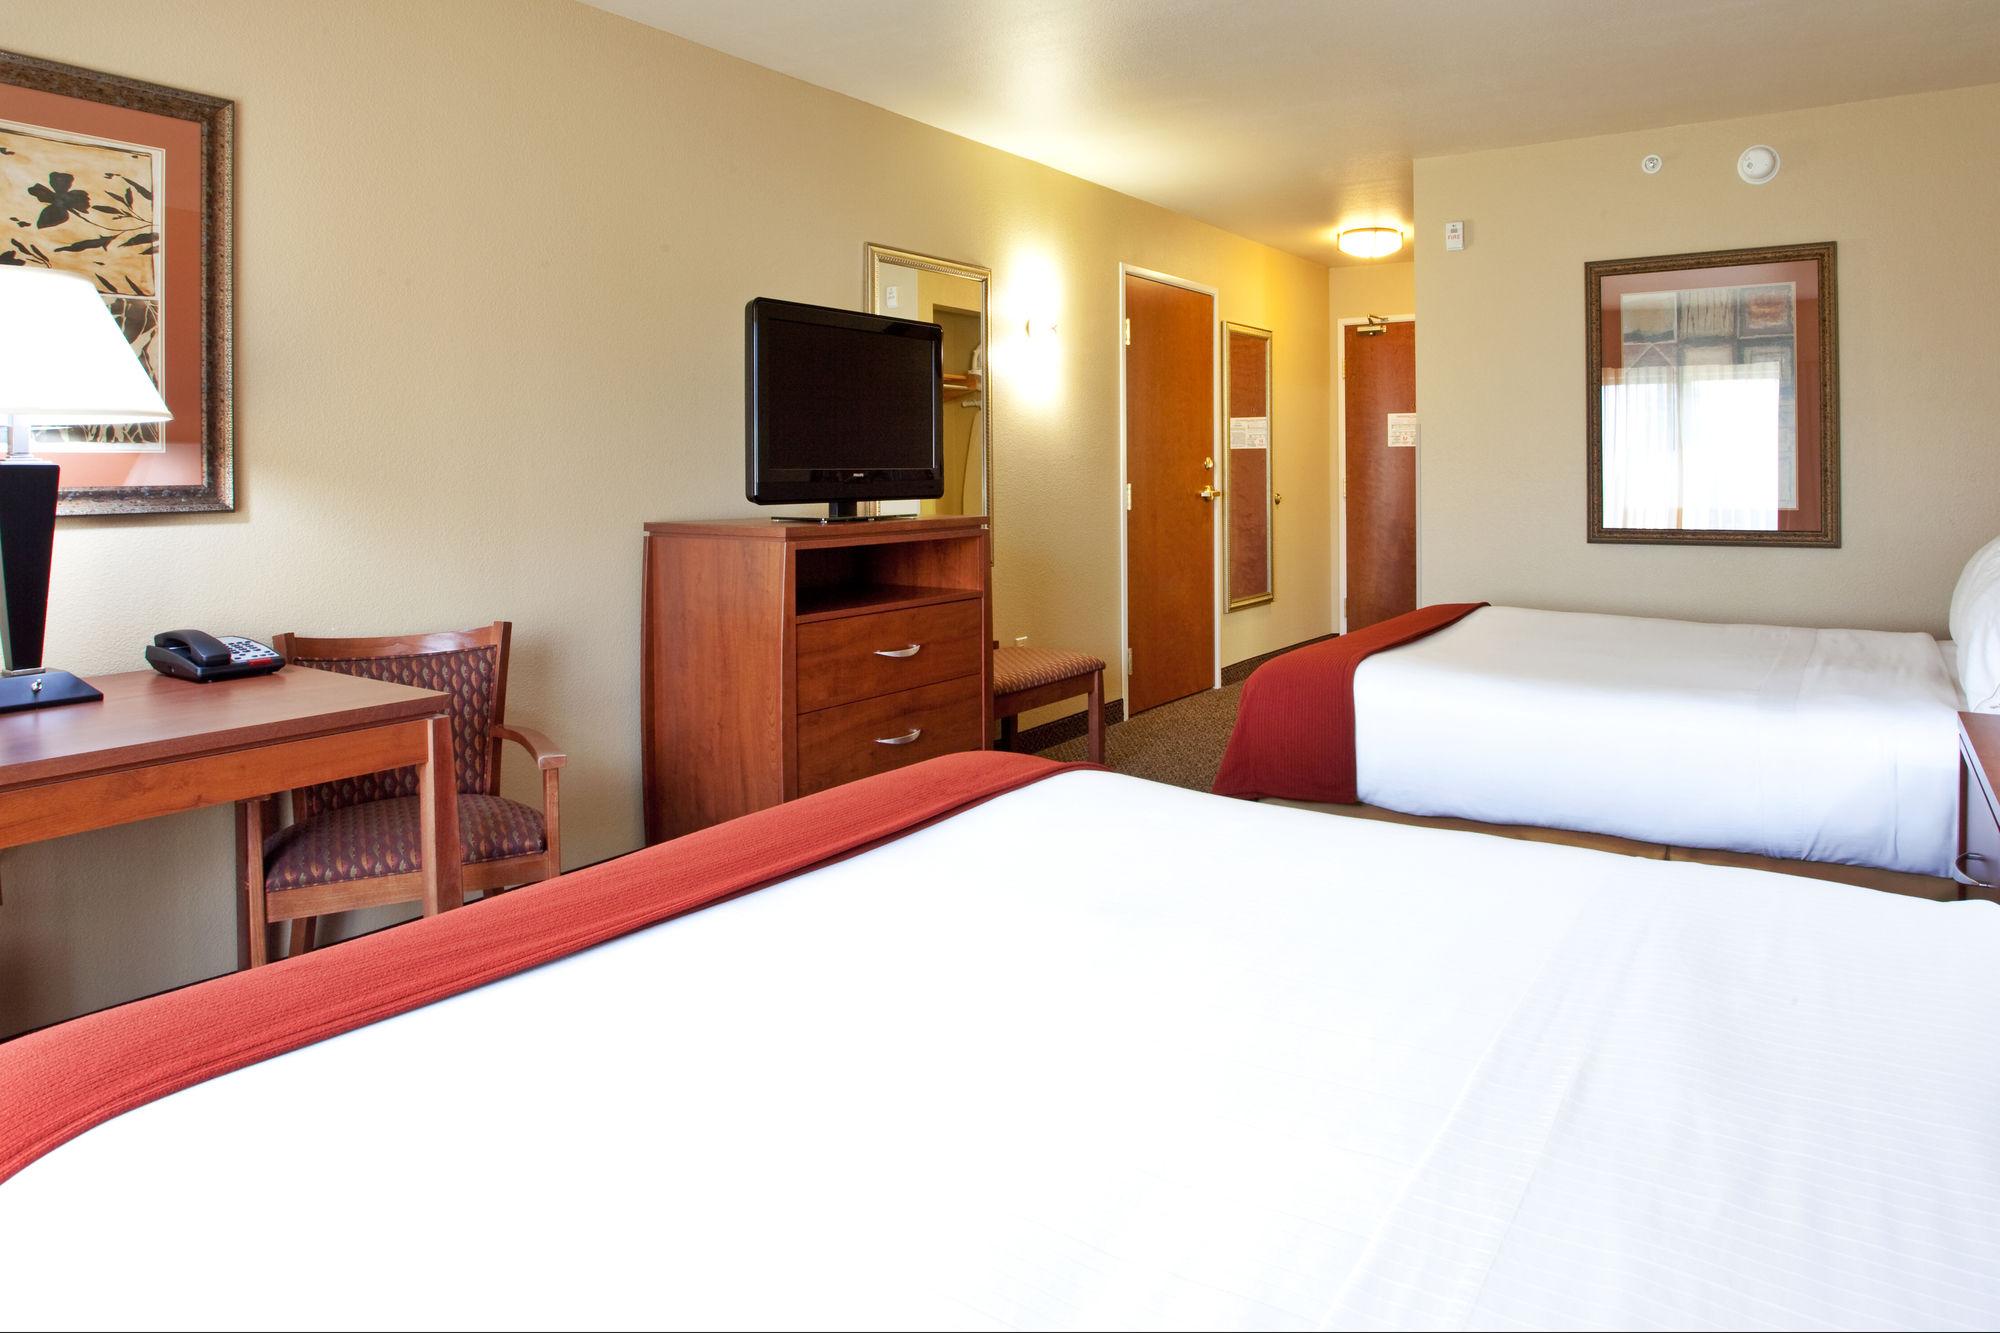 Holiday Inn Express Hotel & Suites Lewisburg in Lewisburg, WV